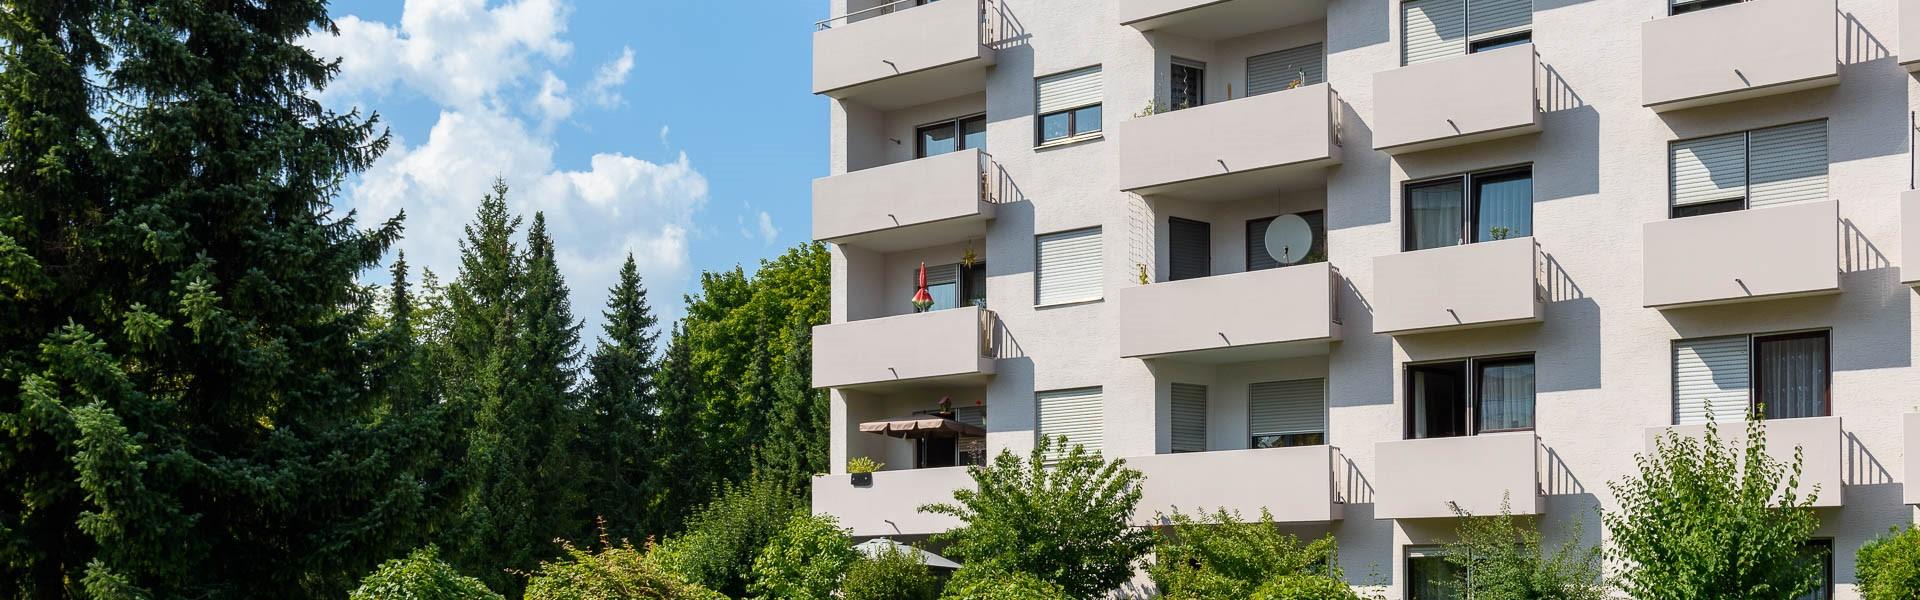 Scherer_Immobilien_Breslauer-Str._Augsburg